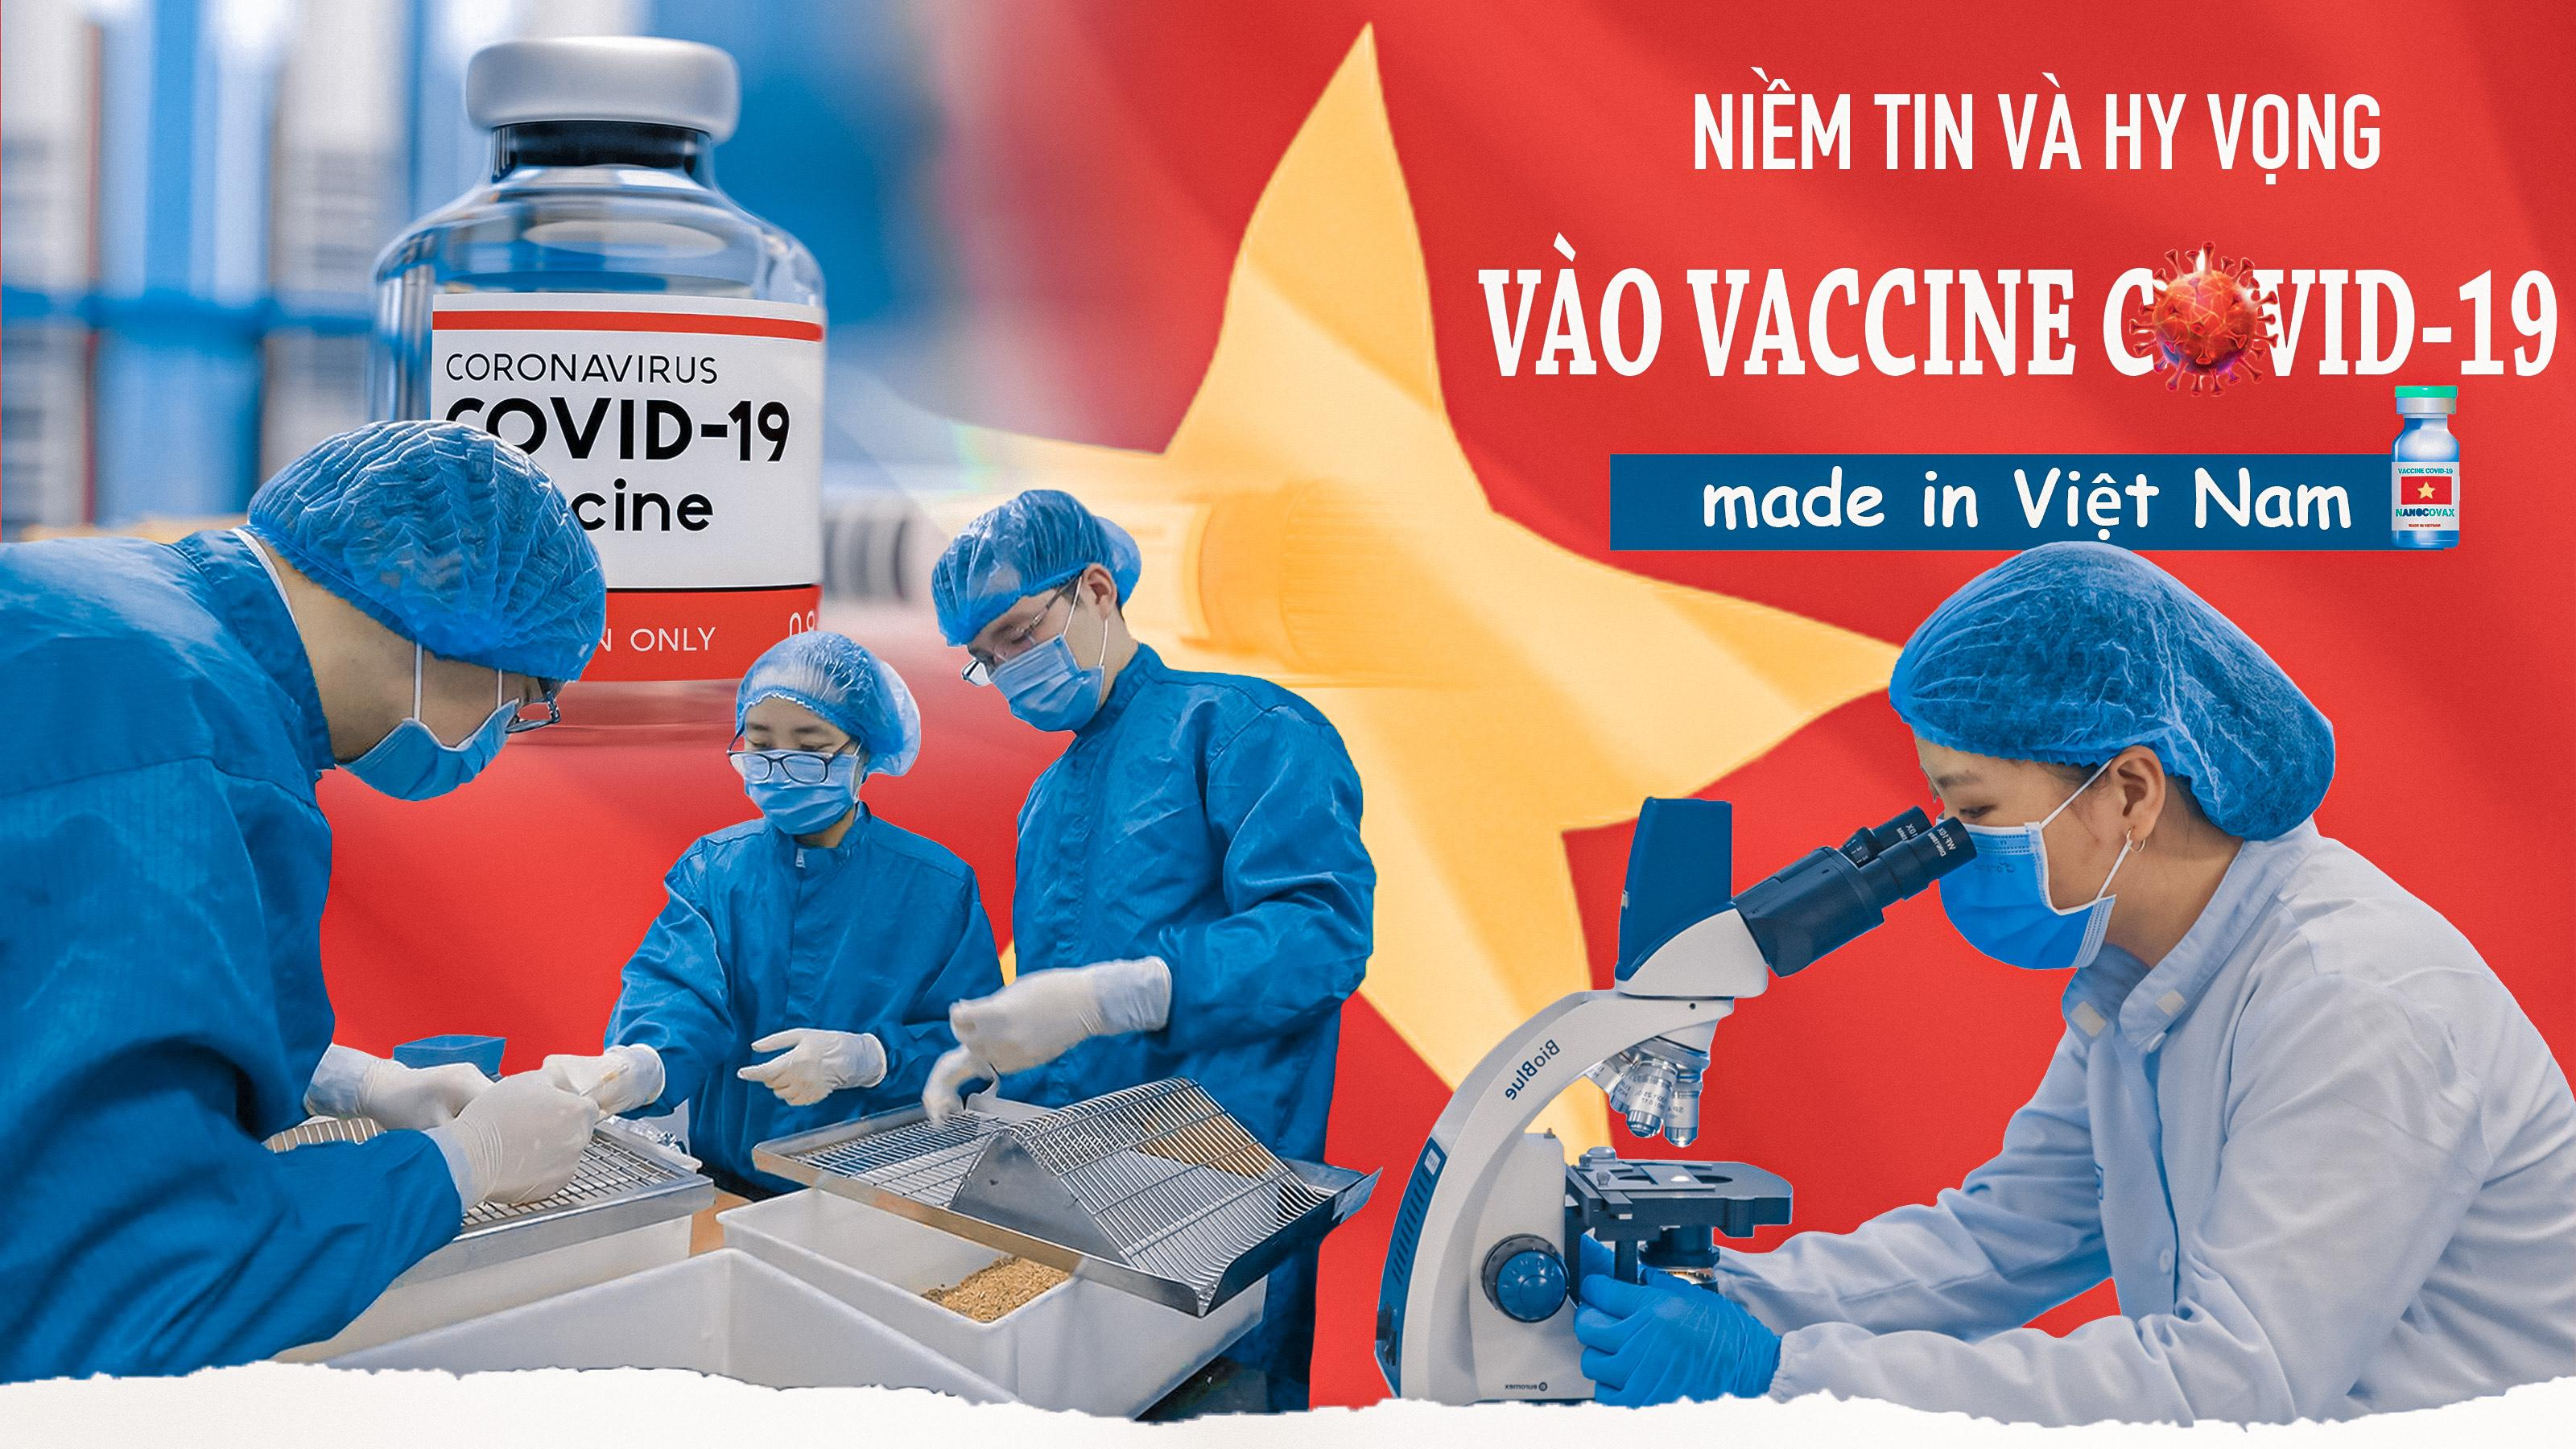 Niềm tin và hy vọng vào vaccine COVID-19 'made in Việt Nam'